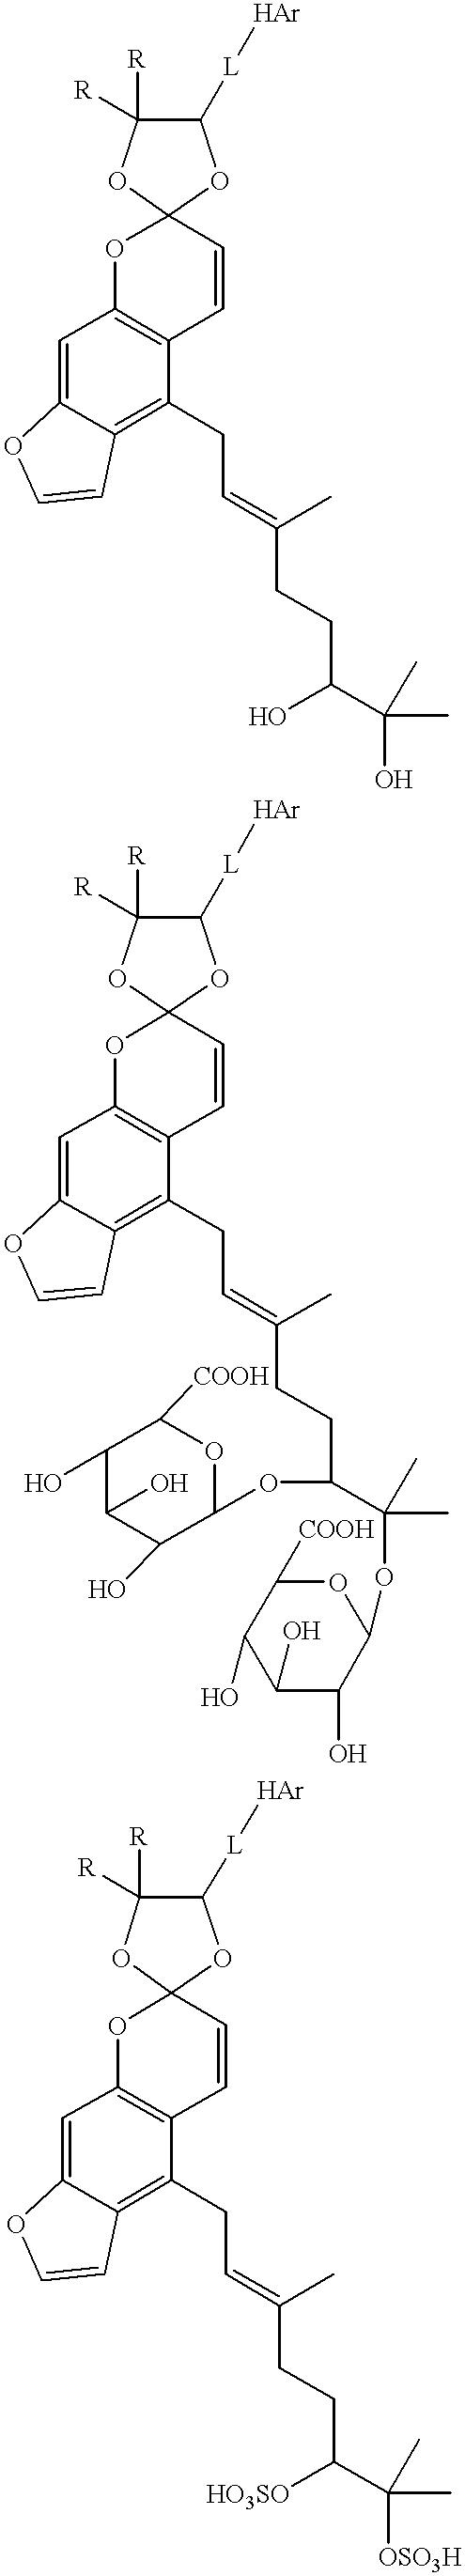 Figure US06248776-20010619-C00014